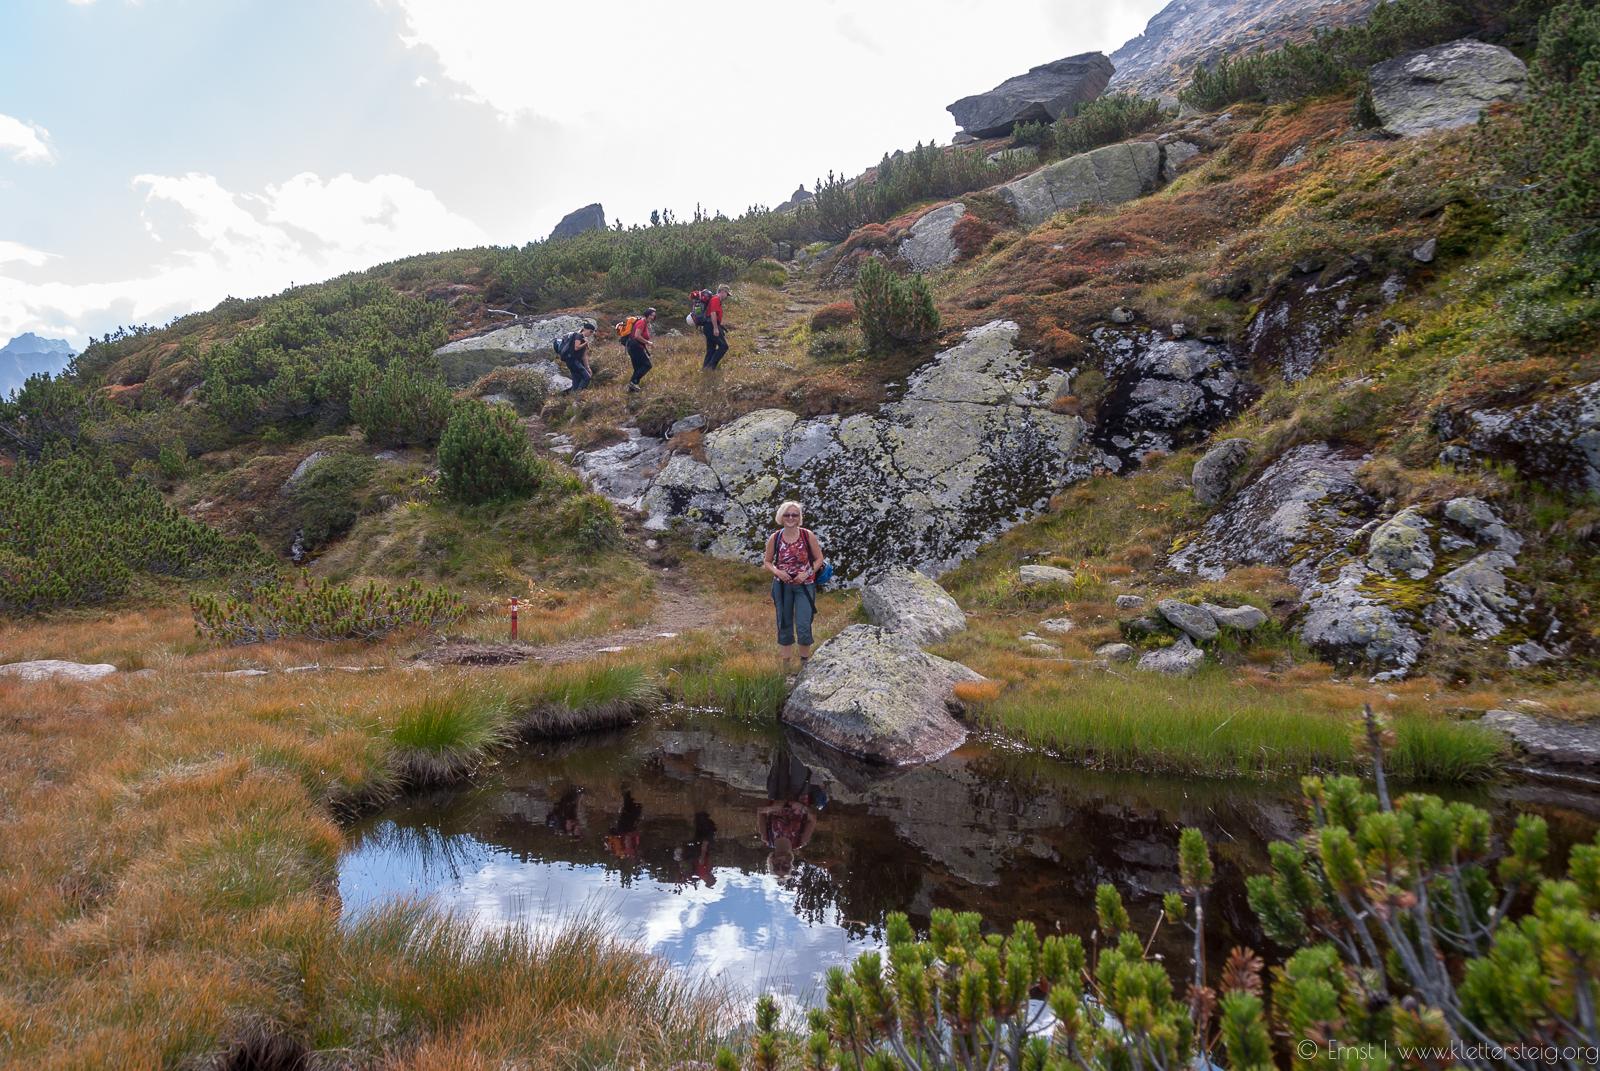 Silvapark Klettersteig Zustieg